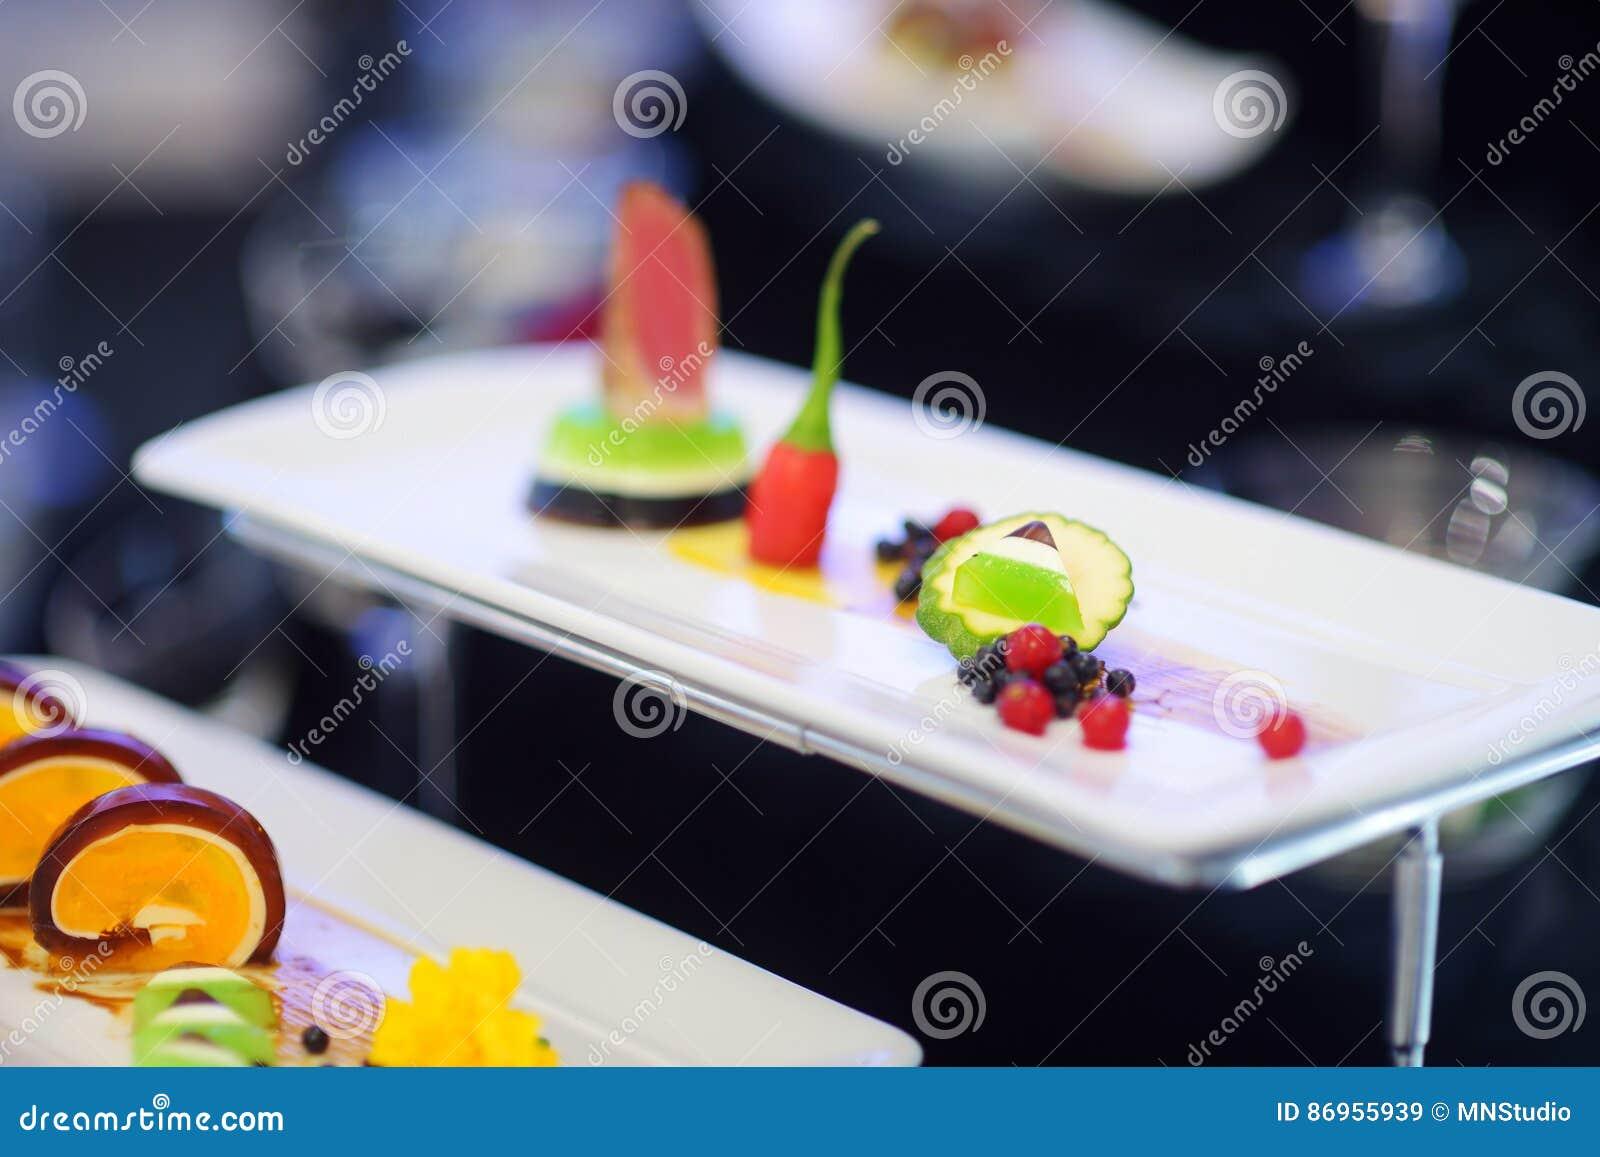 Frisch Moderne Kuche ~ Molekulare moderne küche verschiedene fantastische teller auf